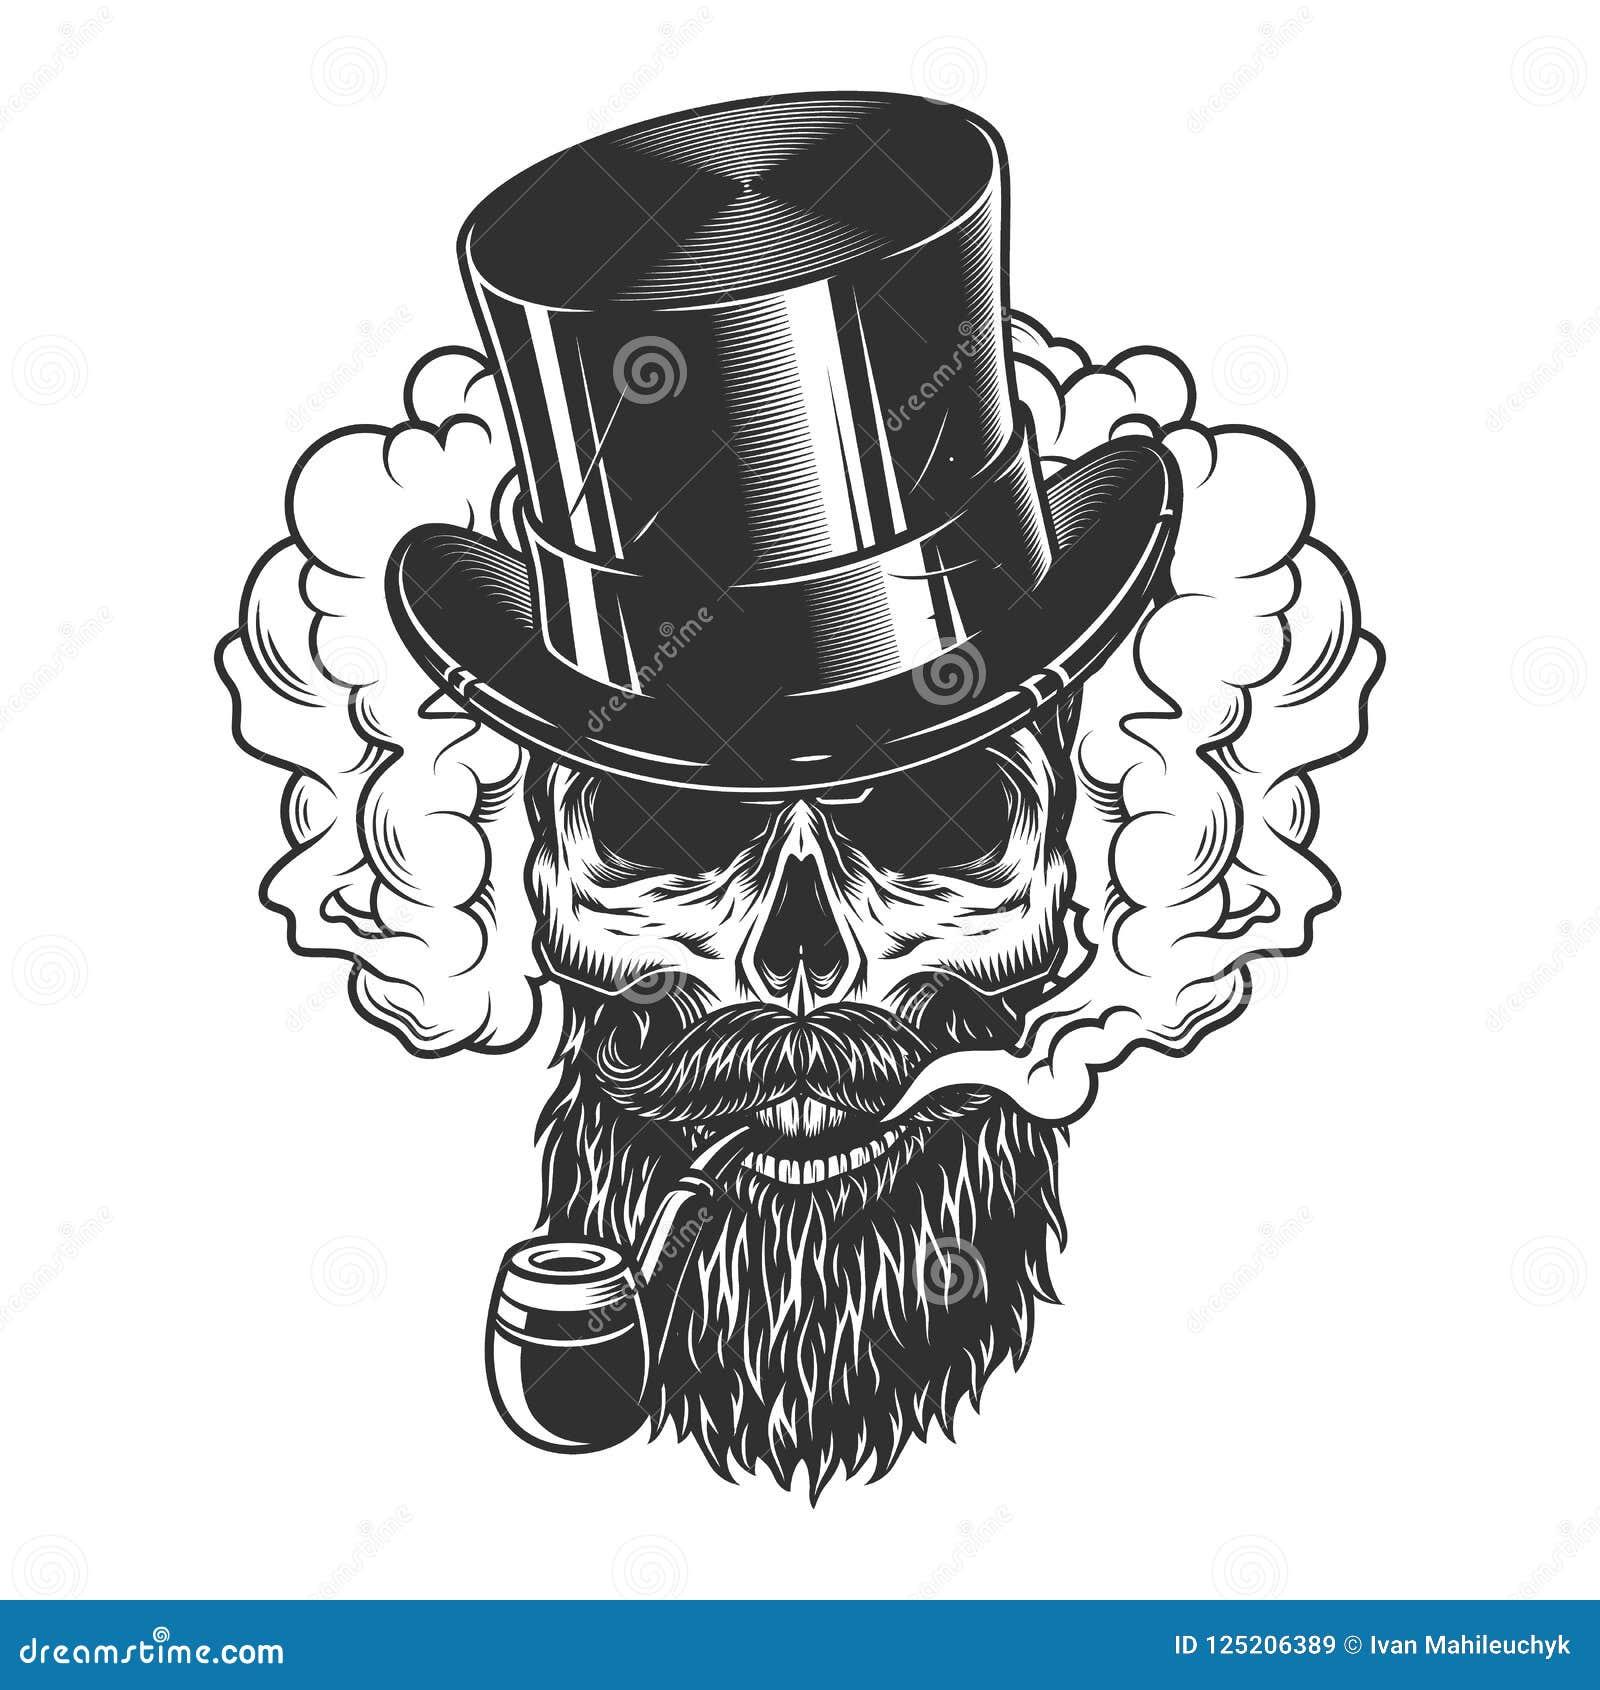 Vintage Soldier Skull In Smoke Cloud